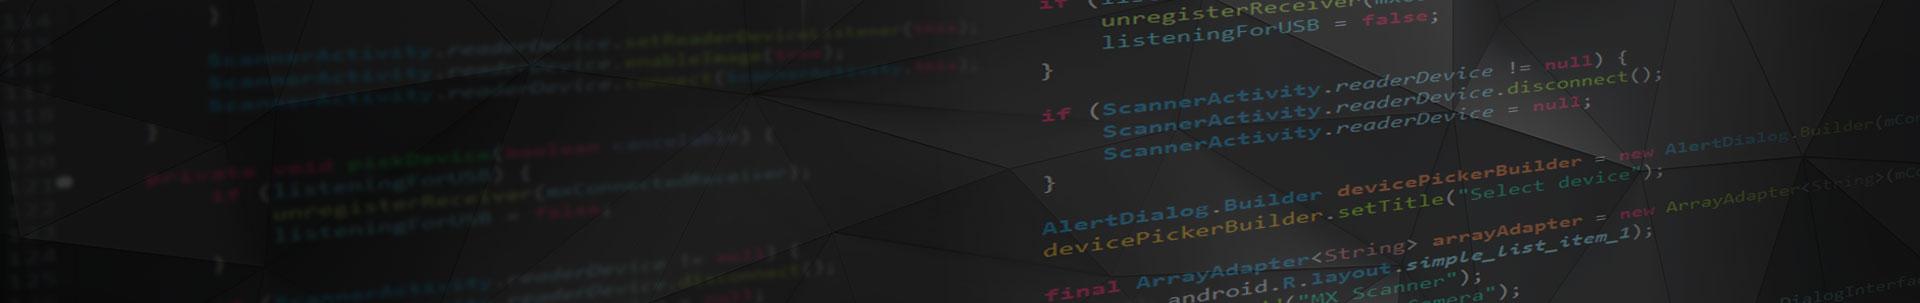 code software for development kit on black banner